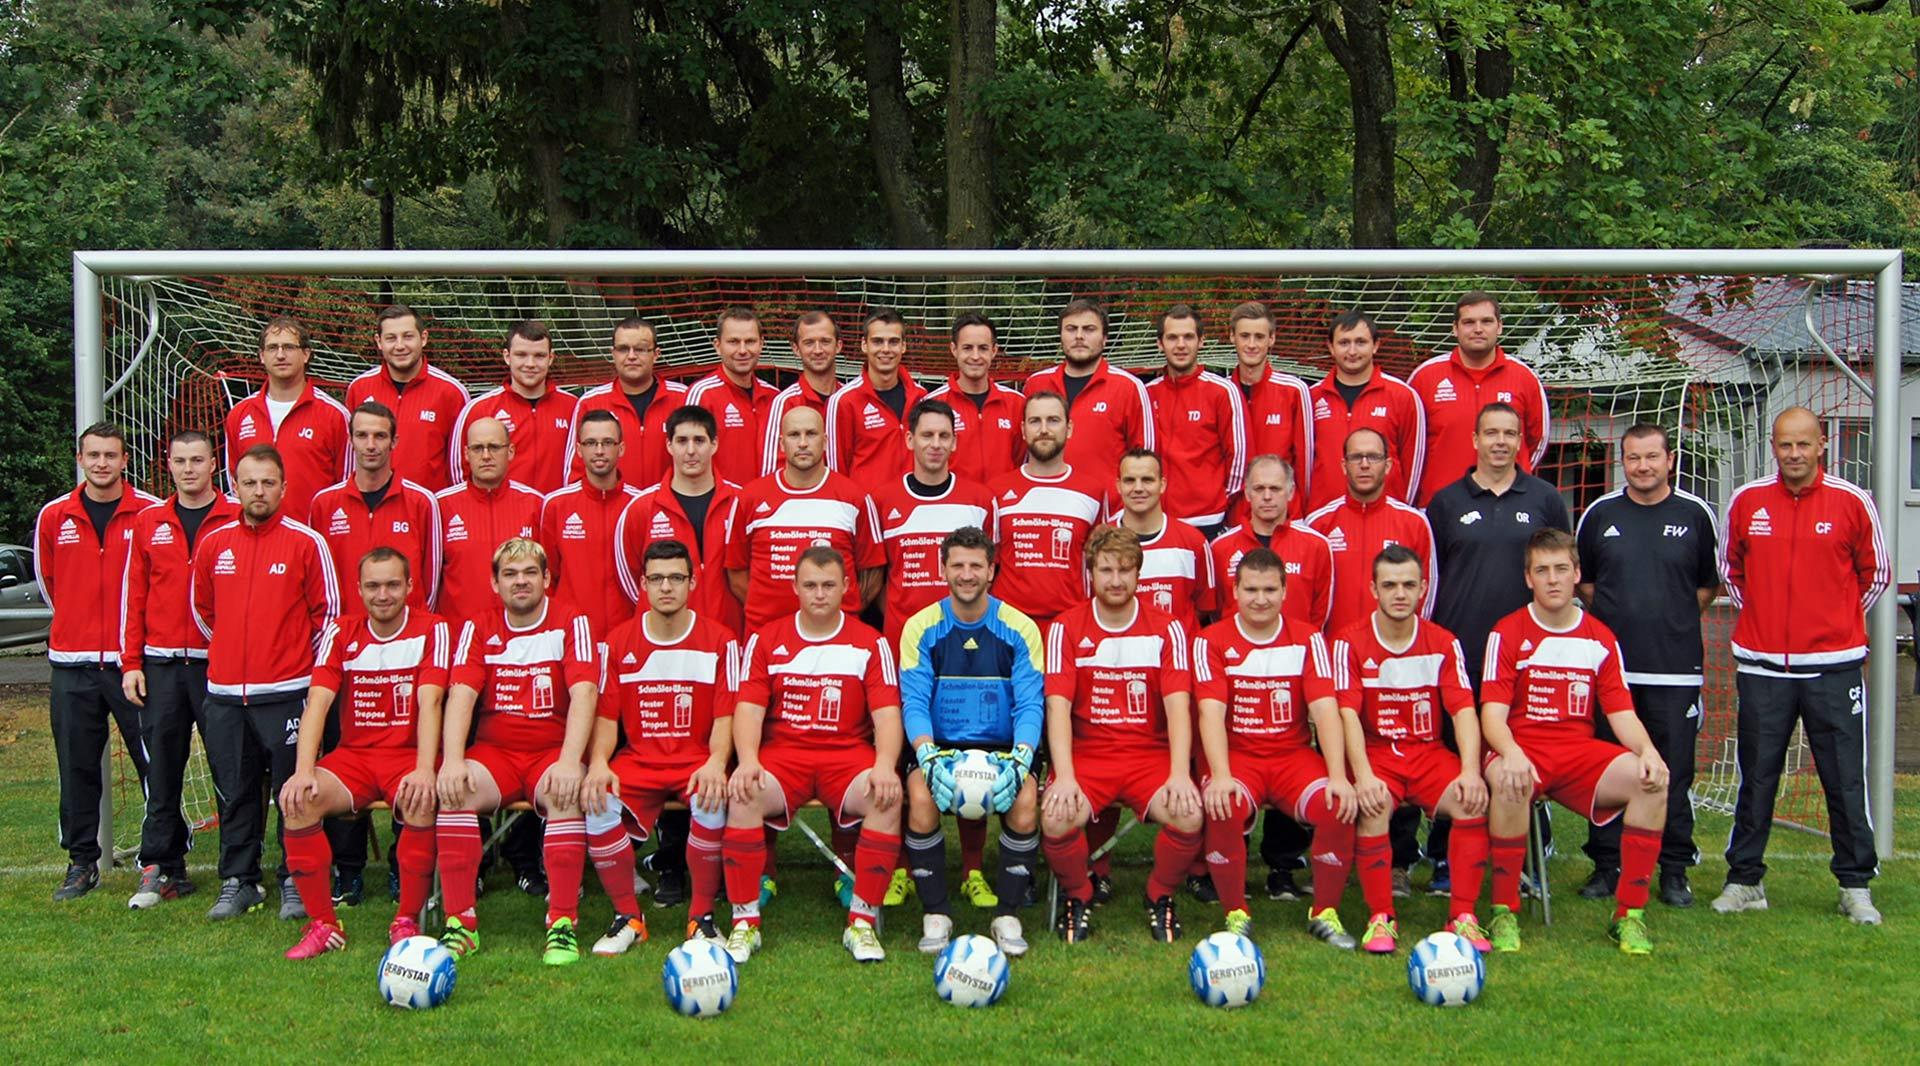 Kader des SVM aus der Meistersasion 2016 / 2017